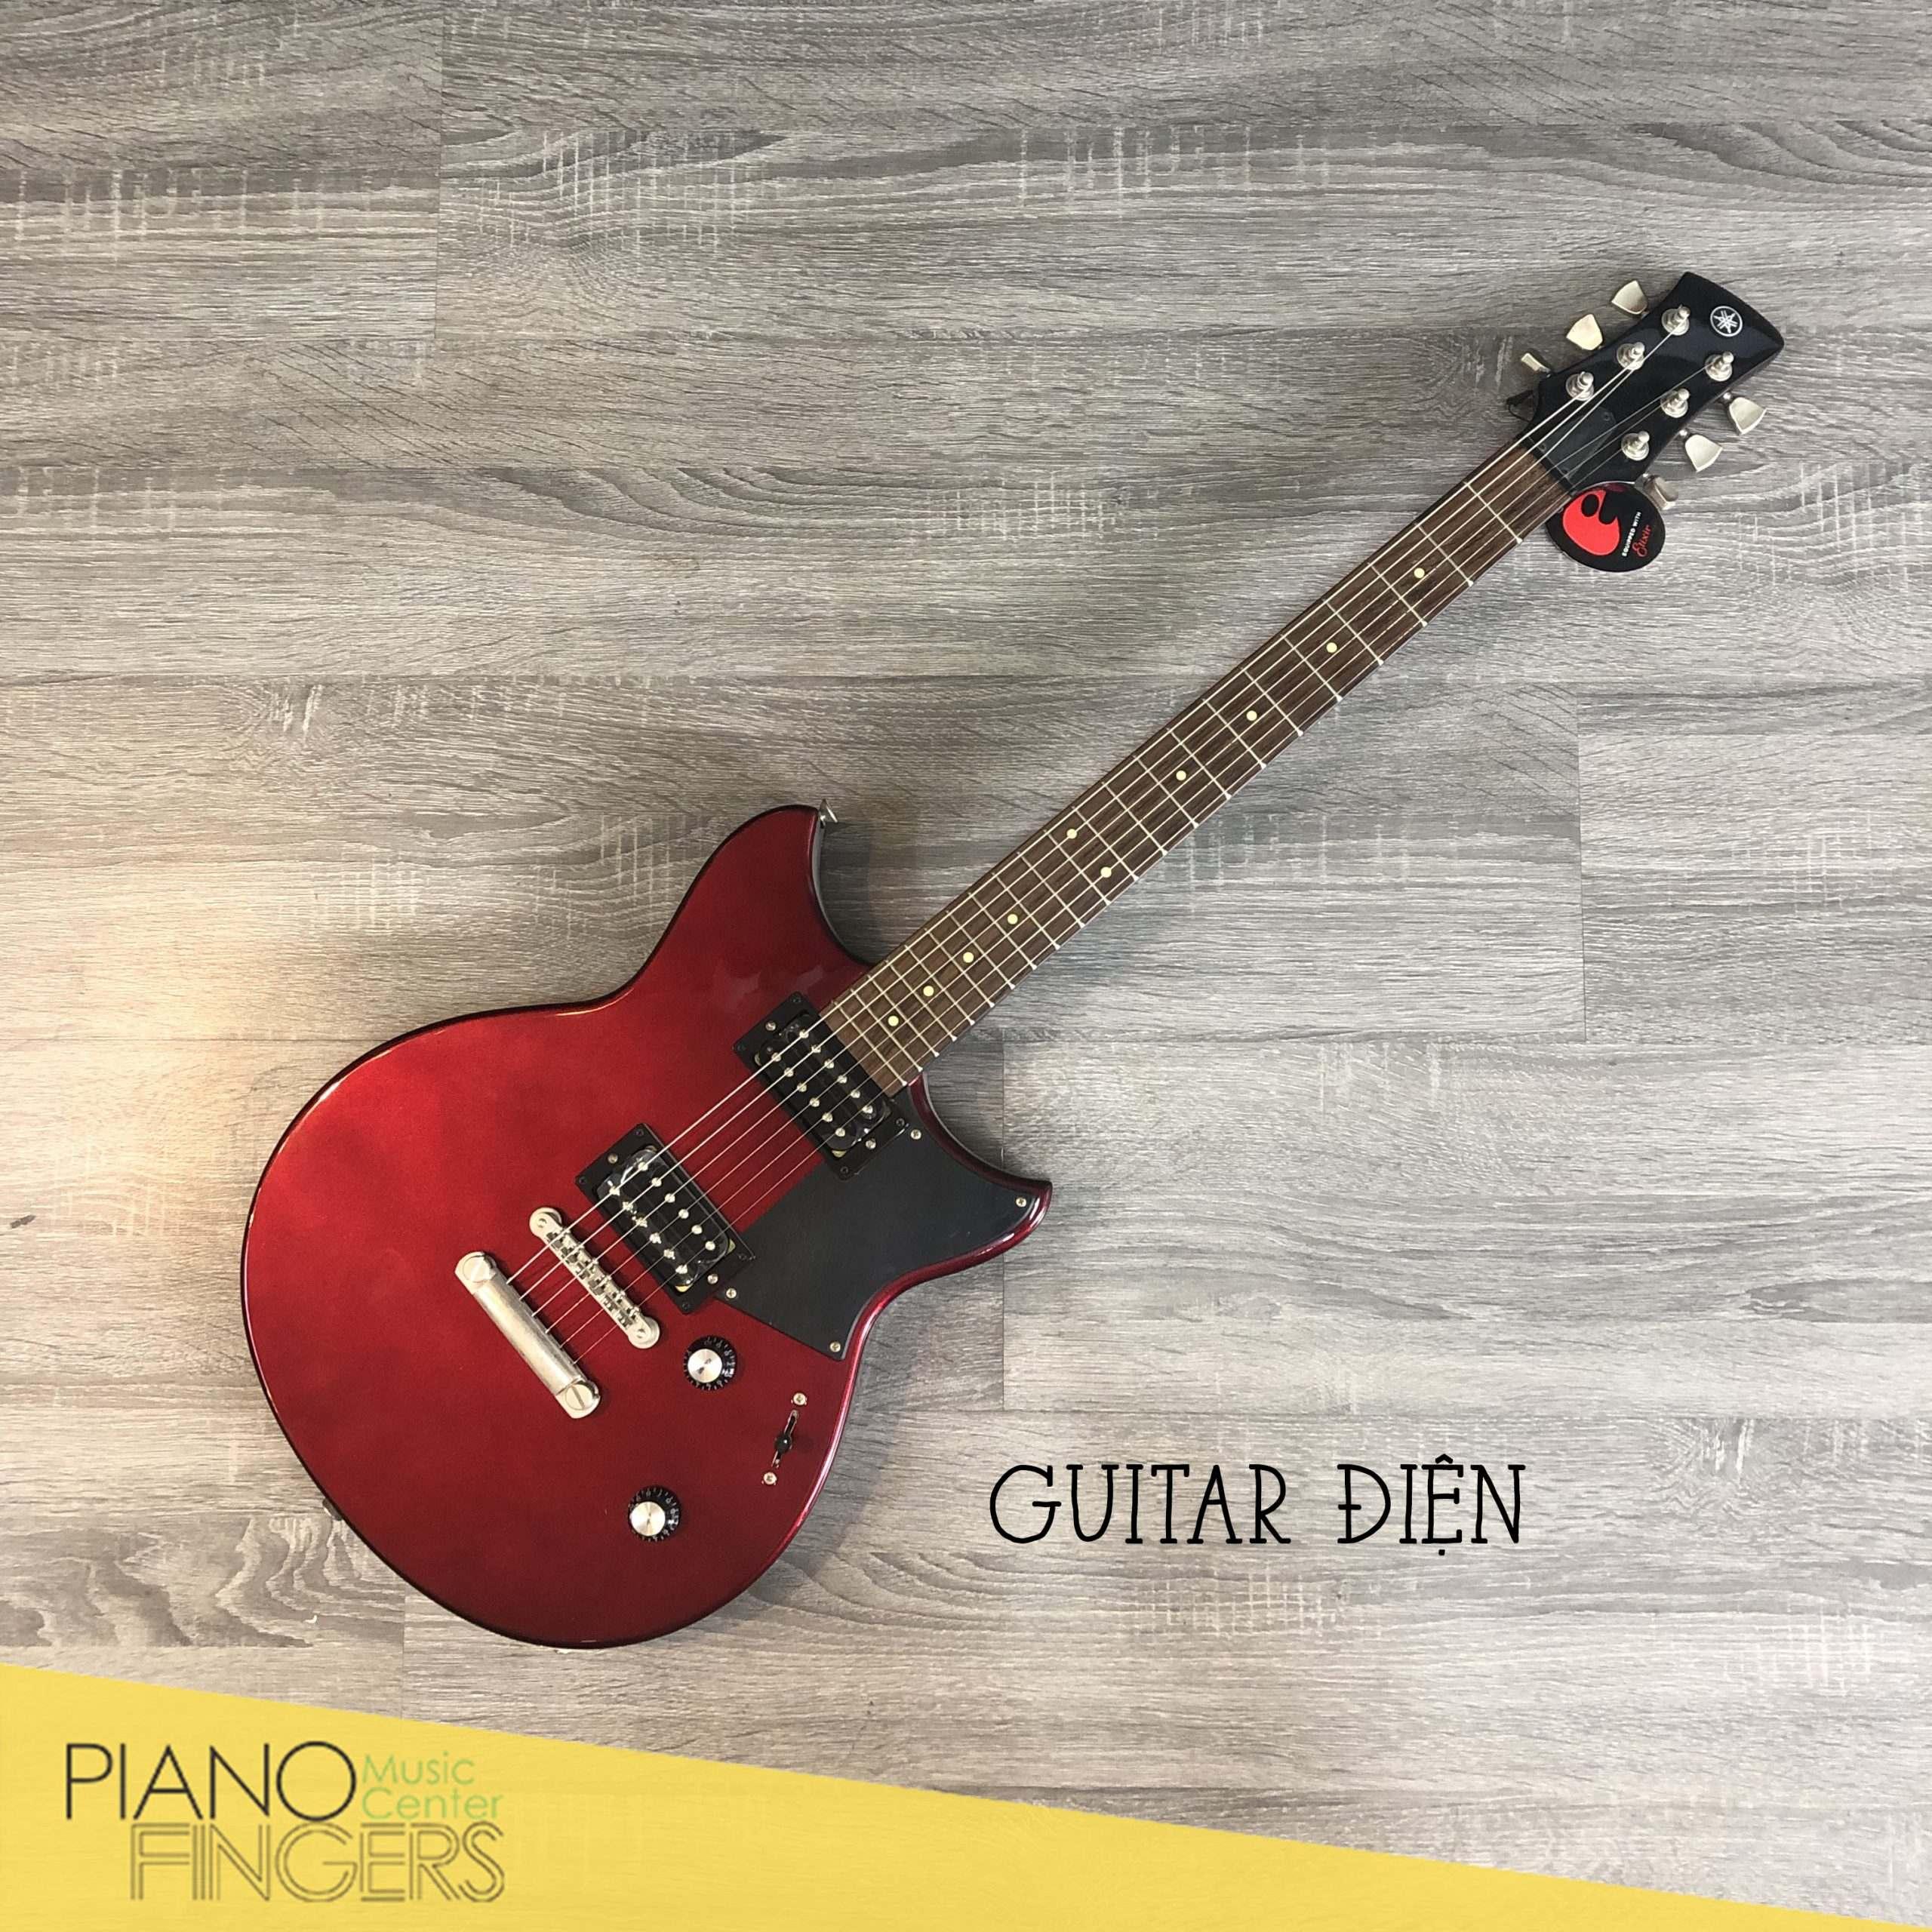 huong-dan-chon-dan-guitar-cho-tre-nho-8